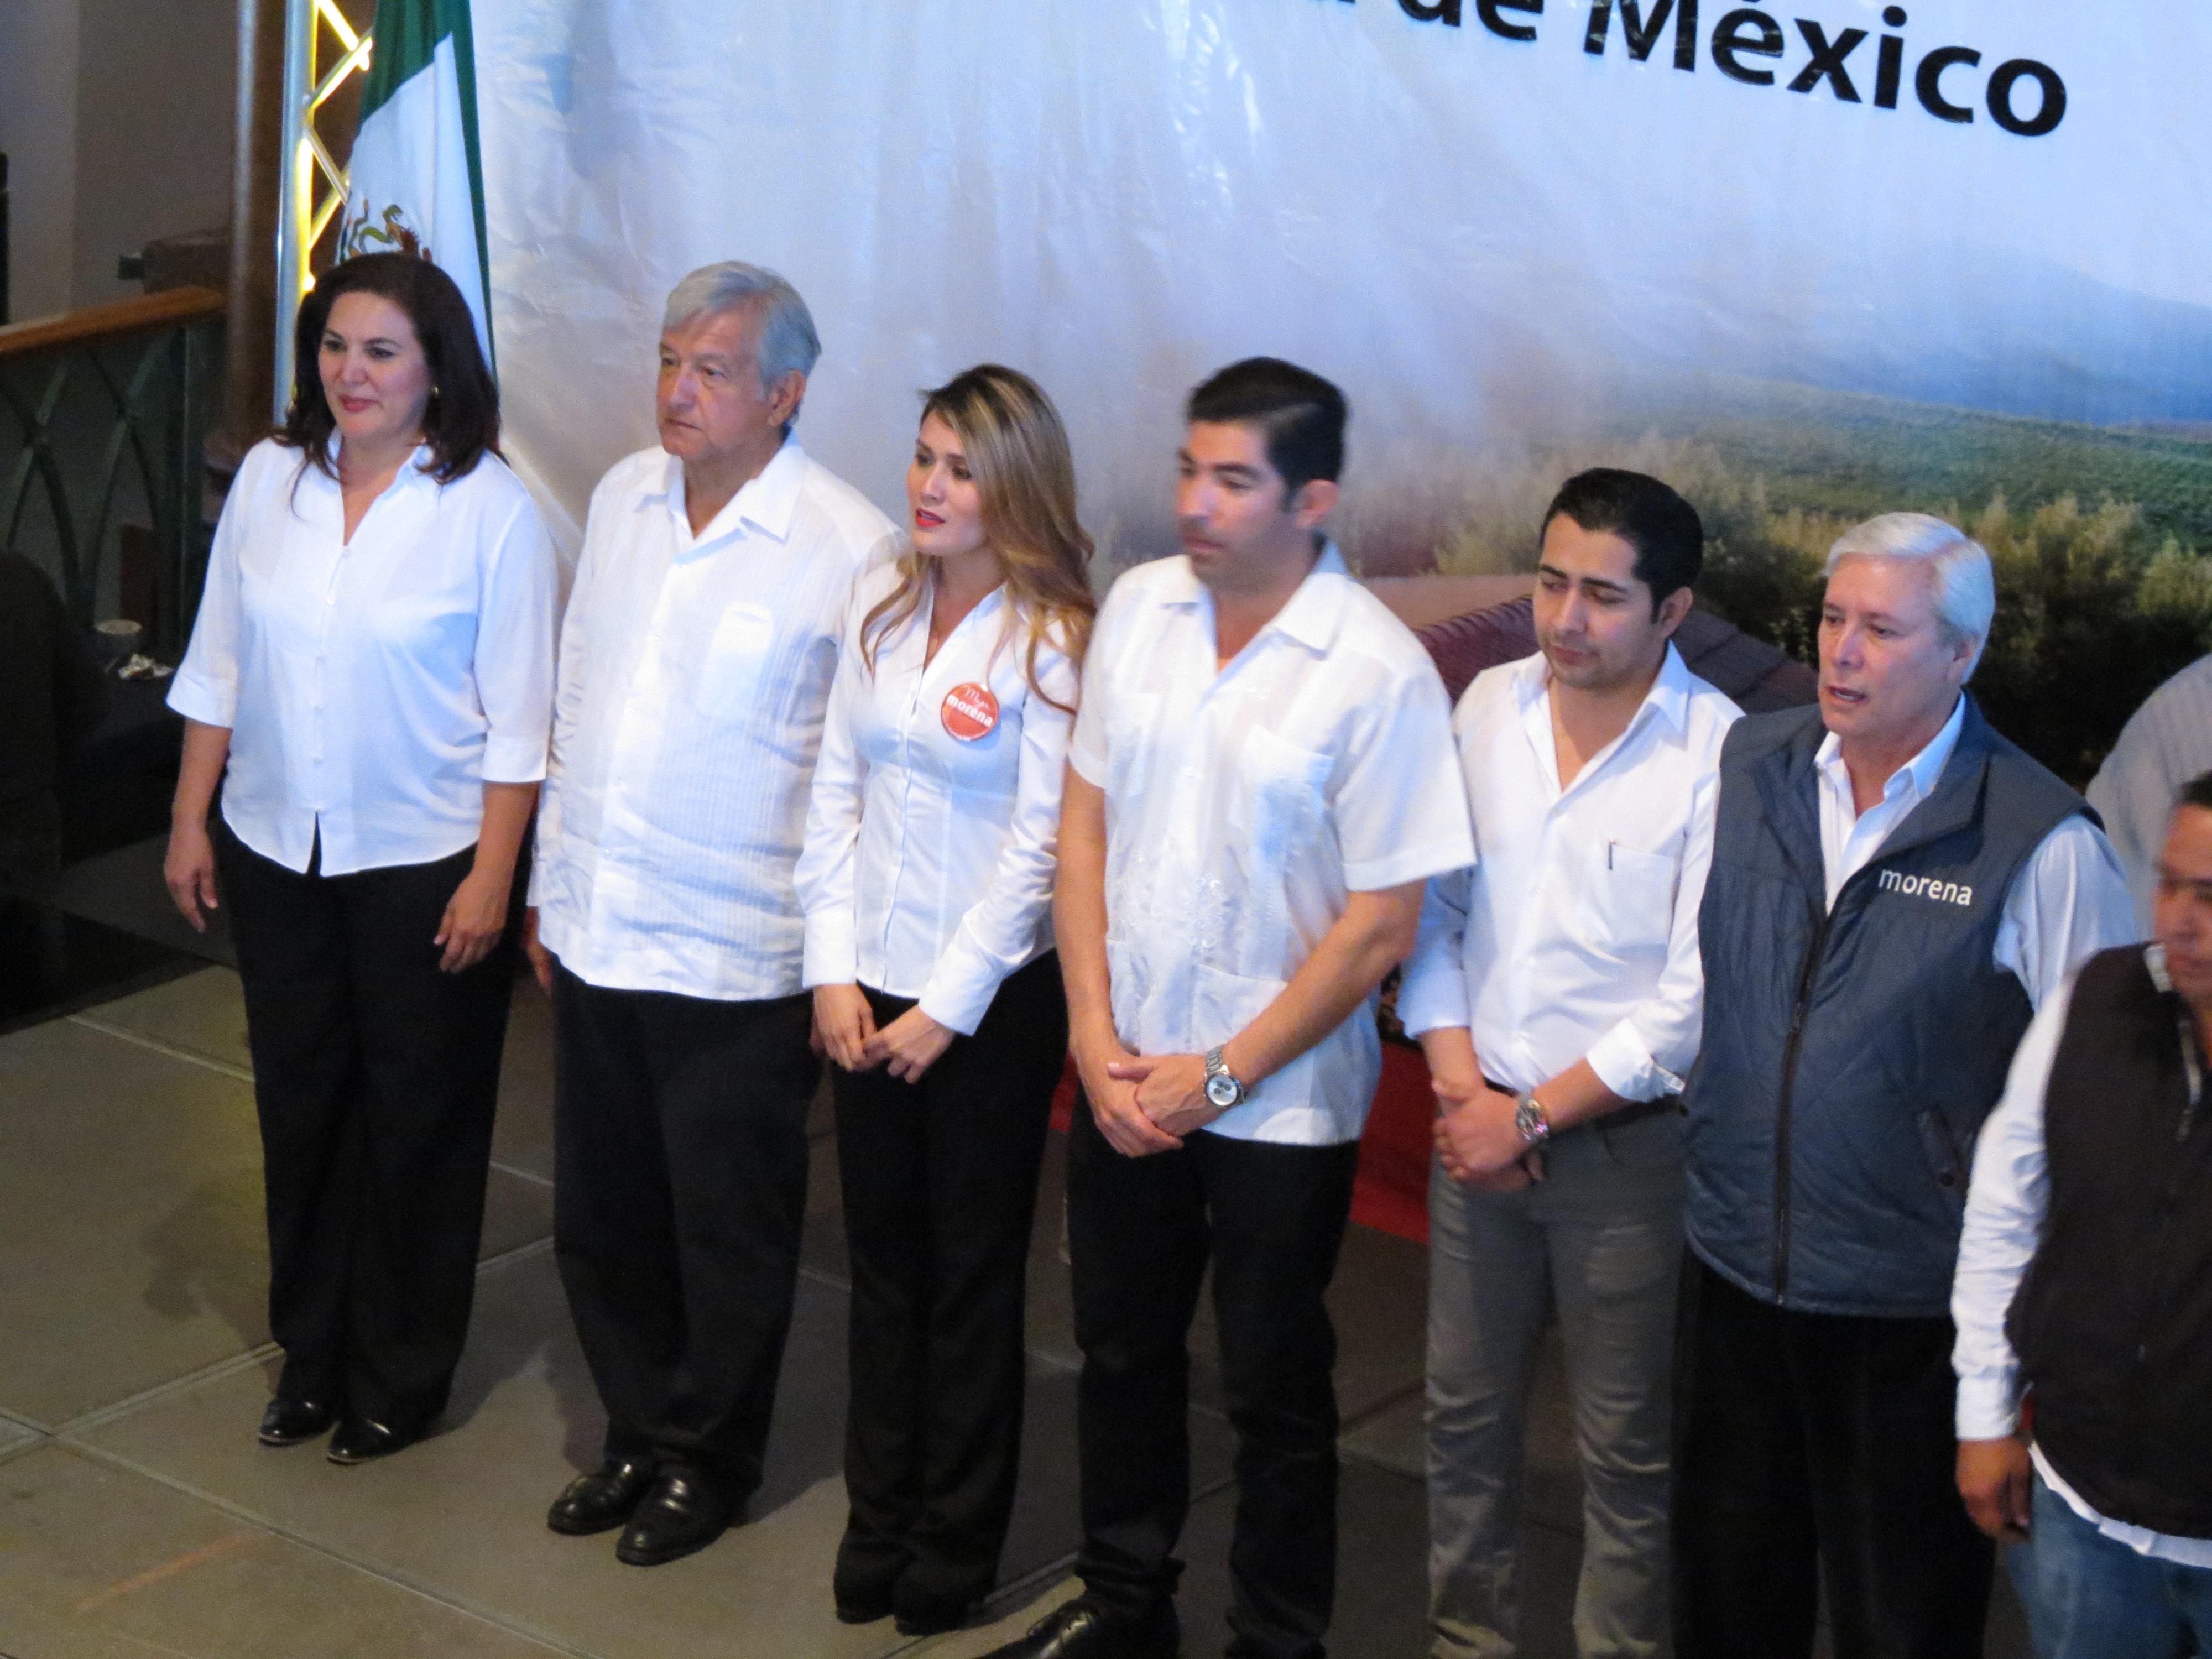 Los abanderados por López Obrador en Ensenada. Foto: Juan Carlos Domínguez